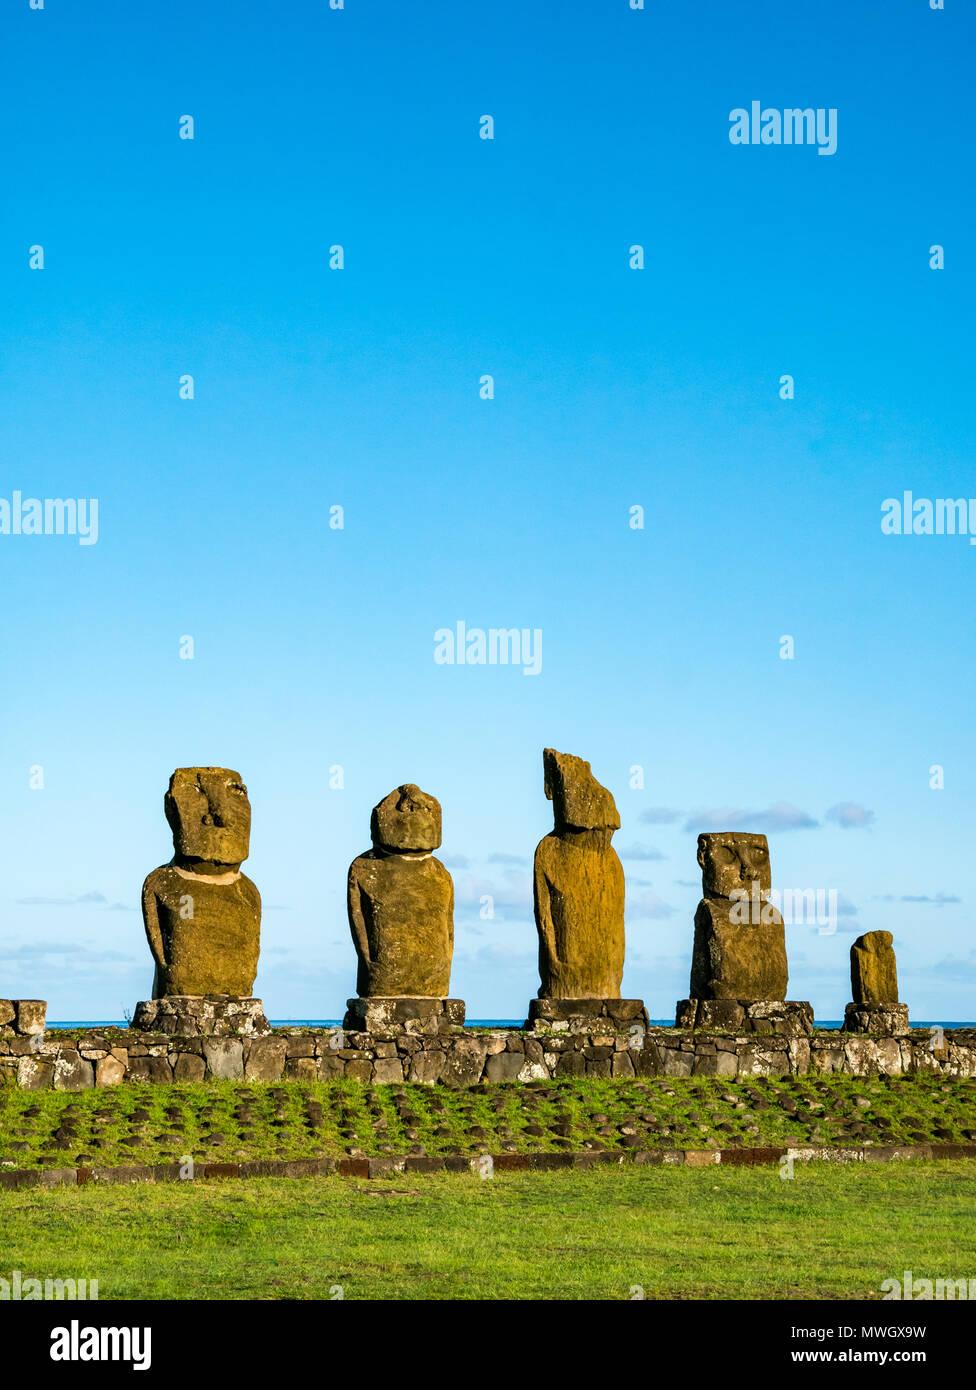 Ahu Vai Ure, Tahai Moai figures, Hanga Roa, Easter Island, Chile - Stock Image